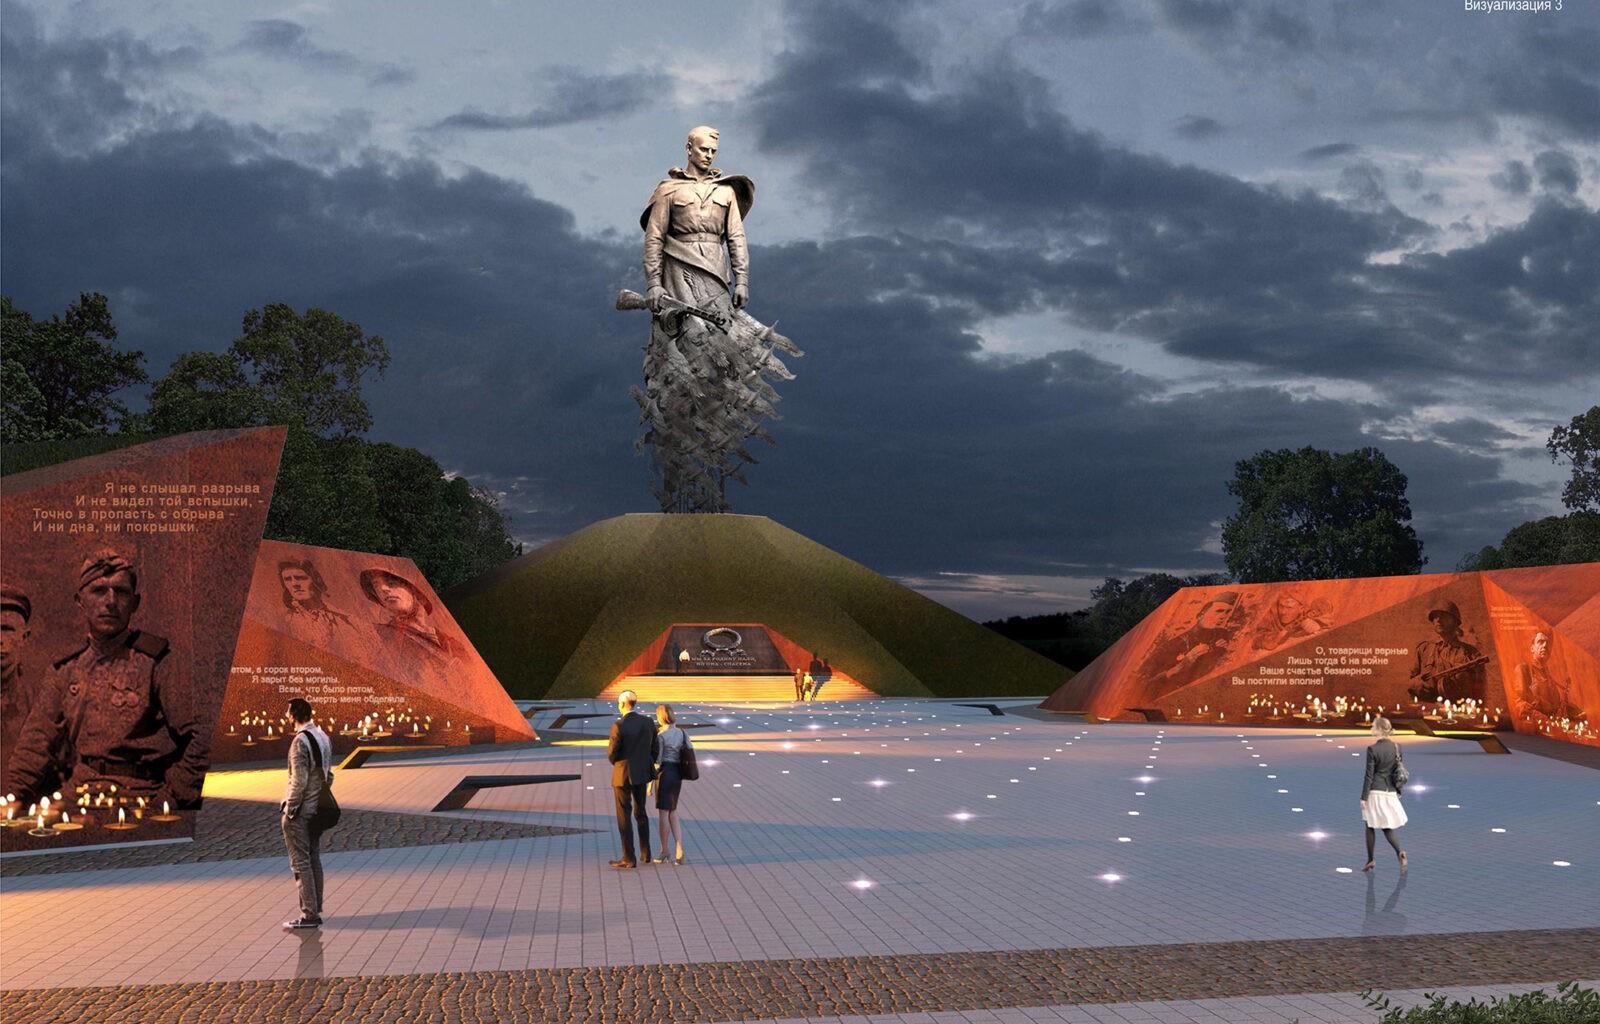 Более 304 млн рублей народных пожертвований поступило на строительство Ржевского мемориала Советскому солдату в Тверской области